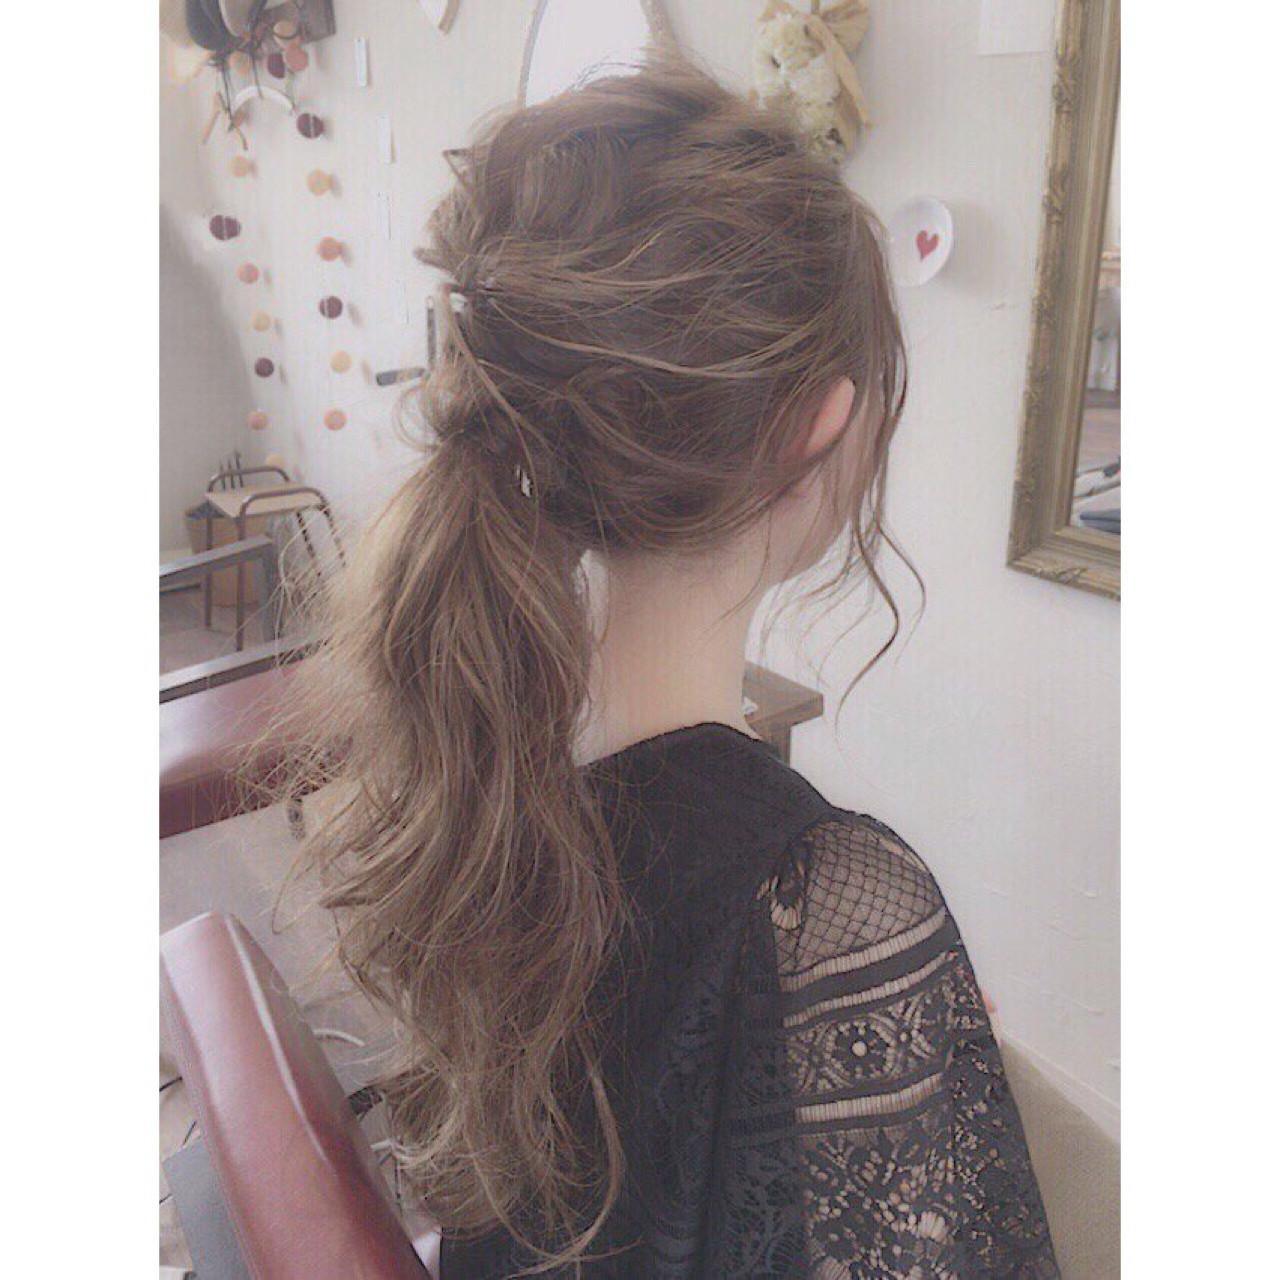 ゆるふわ 結婚式 ナチュラル ロング ヘアスタイルや髪型の写真・画像   川内道子 instagram→michiko_k / Noelle インスタ→michiko_k